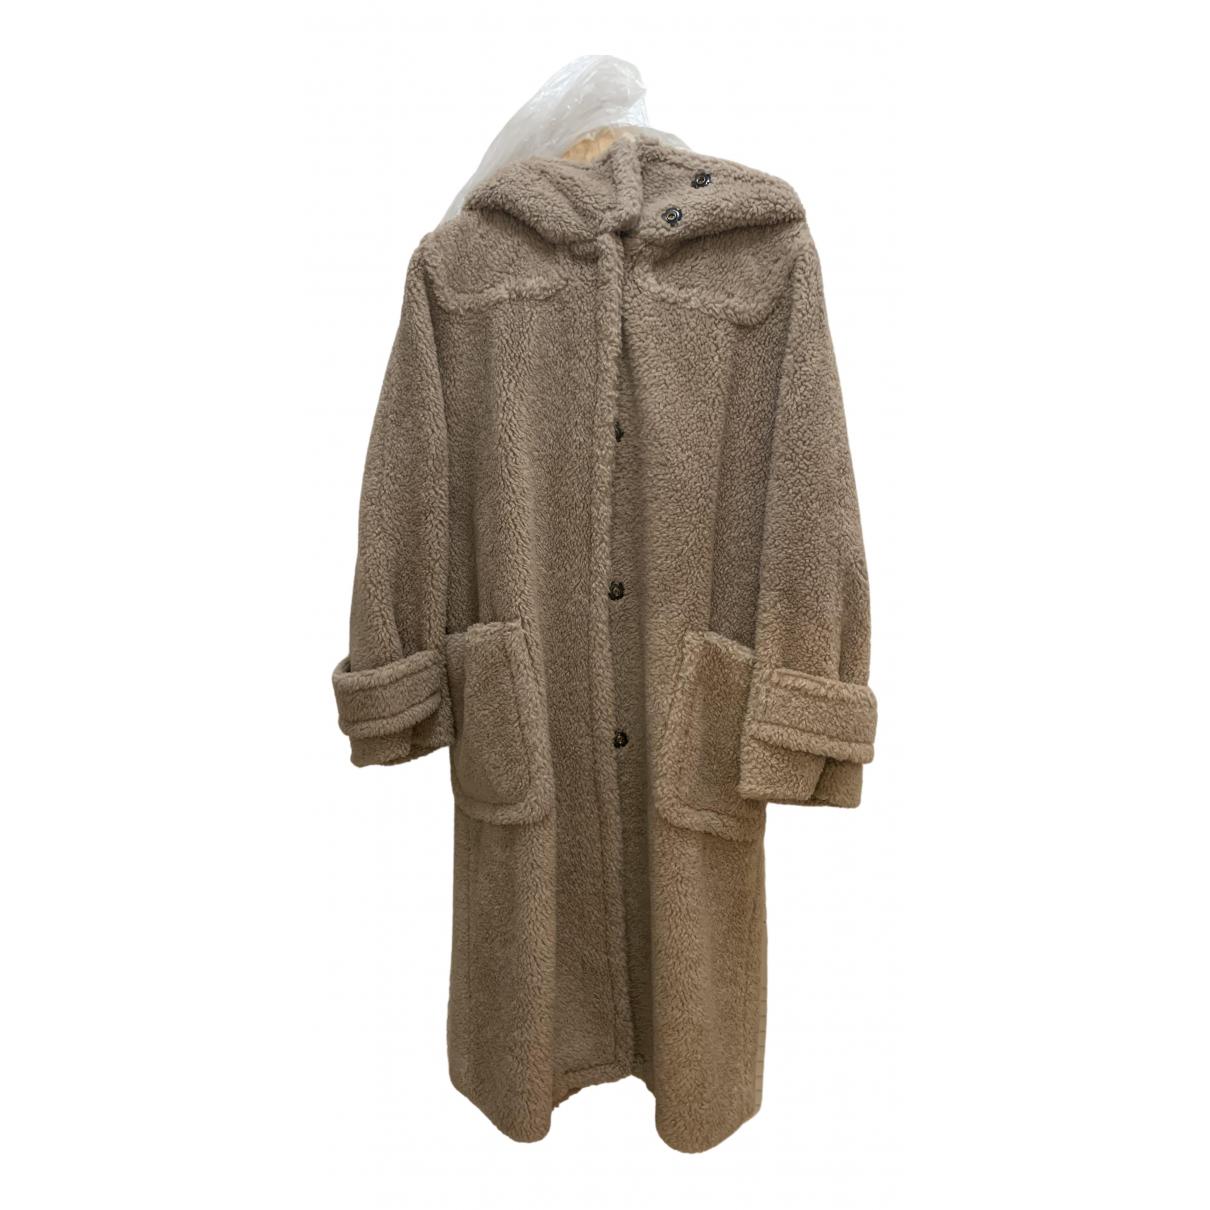 Max Mara Weekend - Manteau   pour femme en fourrure synthetique - camel